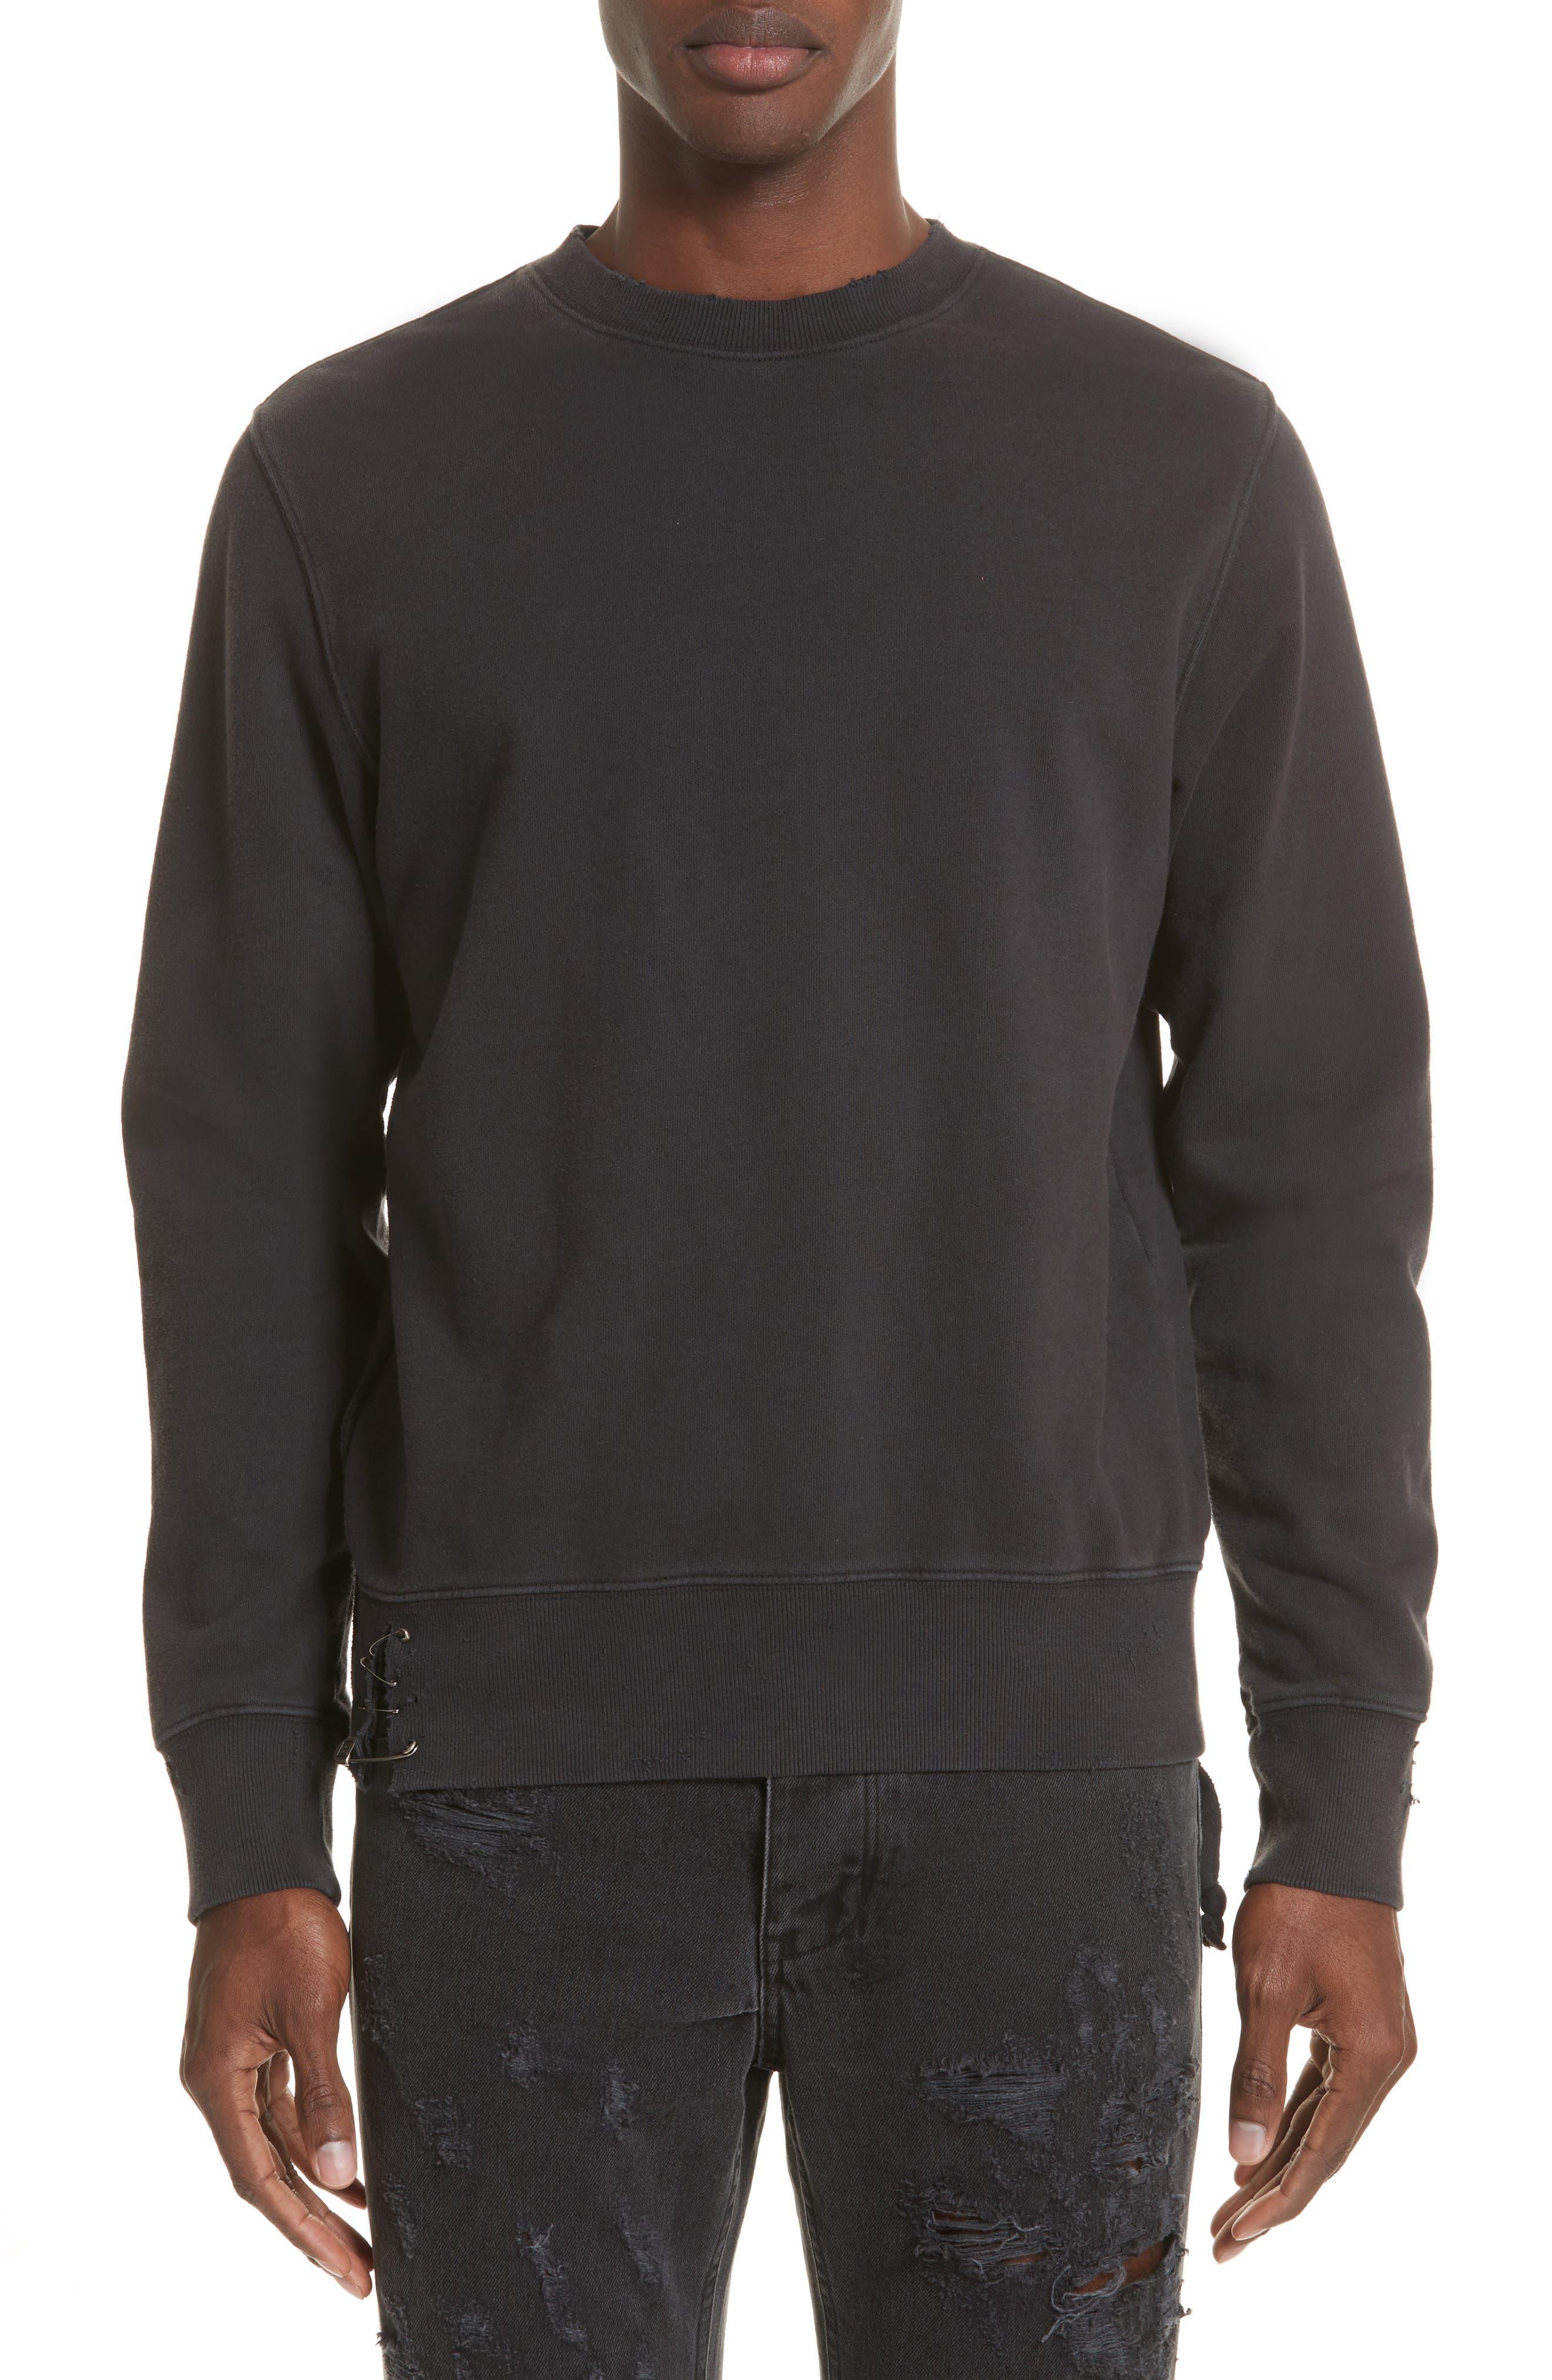 Pins Distressed Sweatshirt,                             Main thumbnail 1, color,                             Black